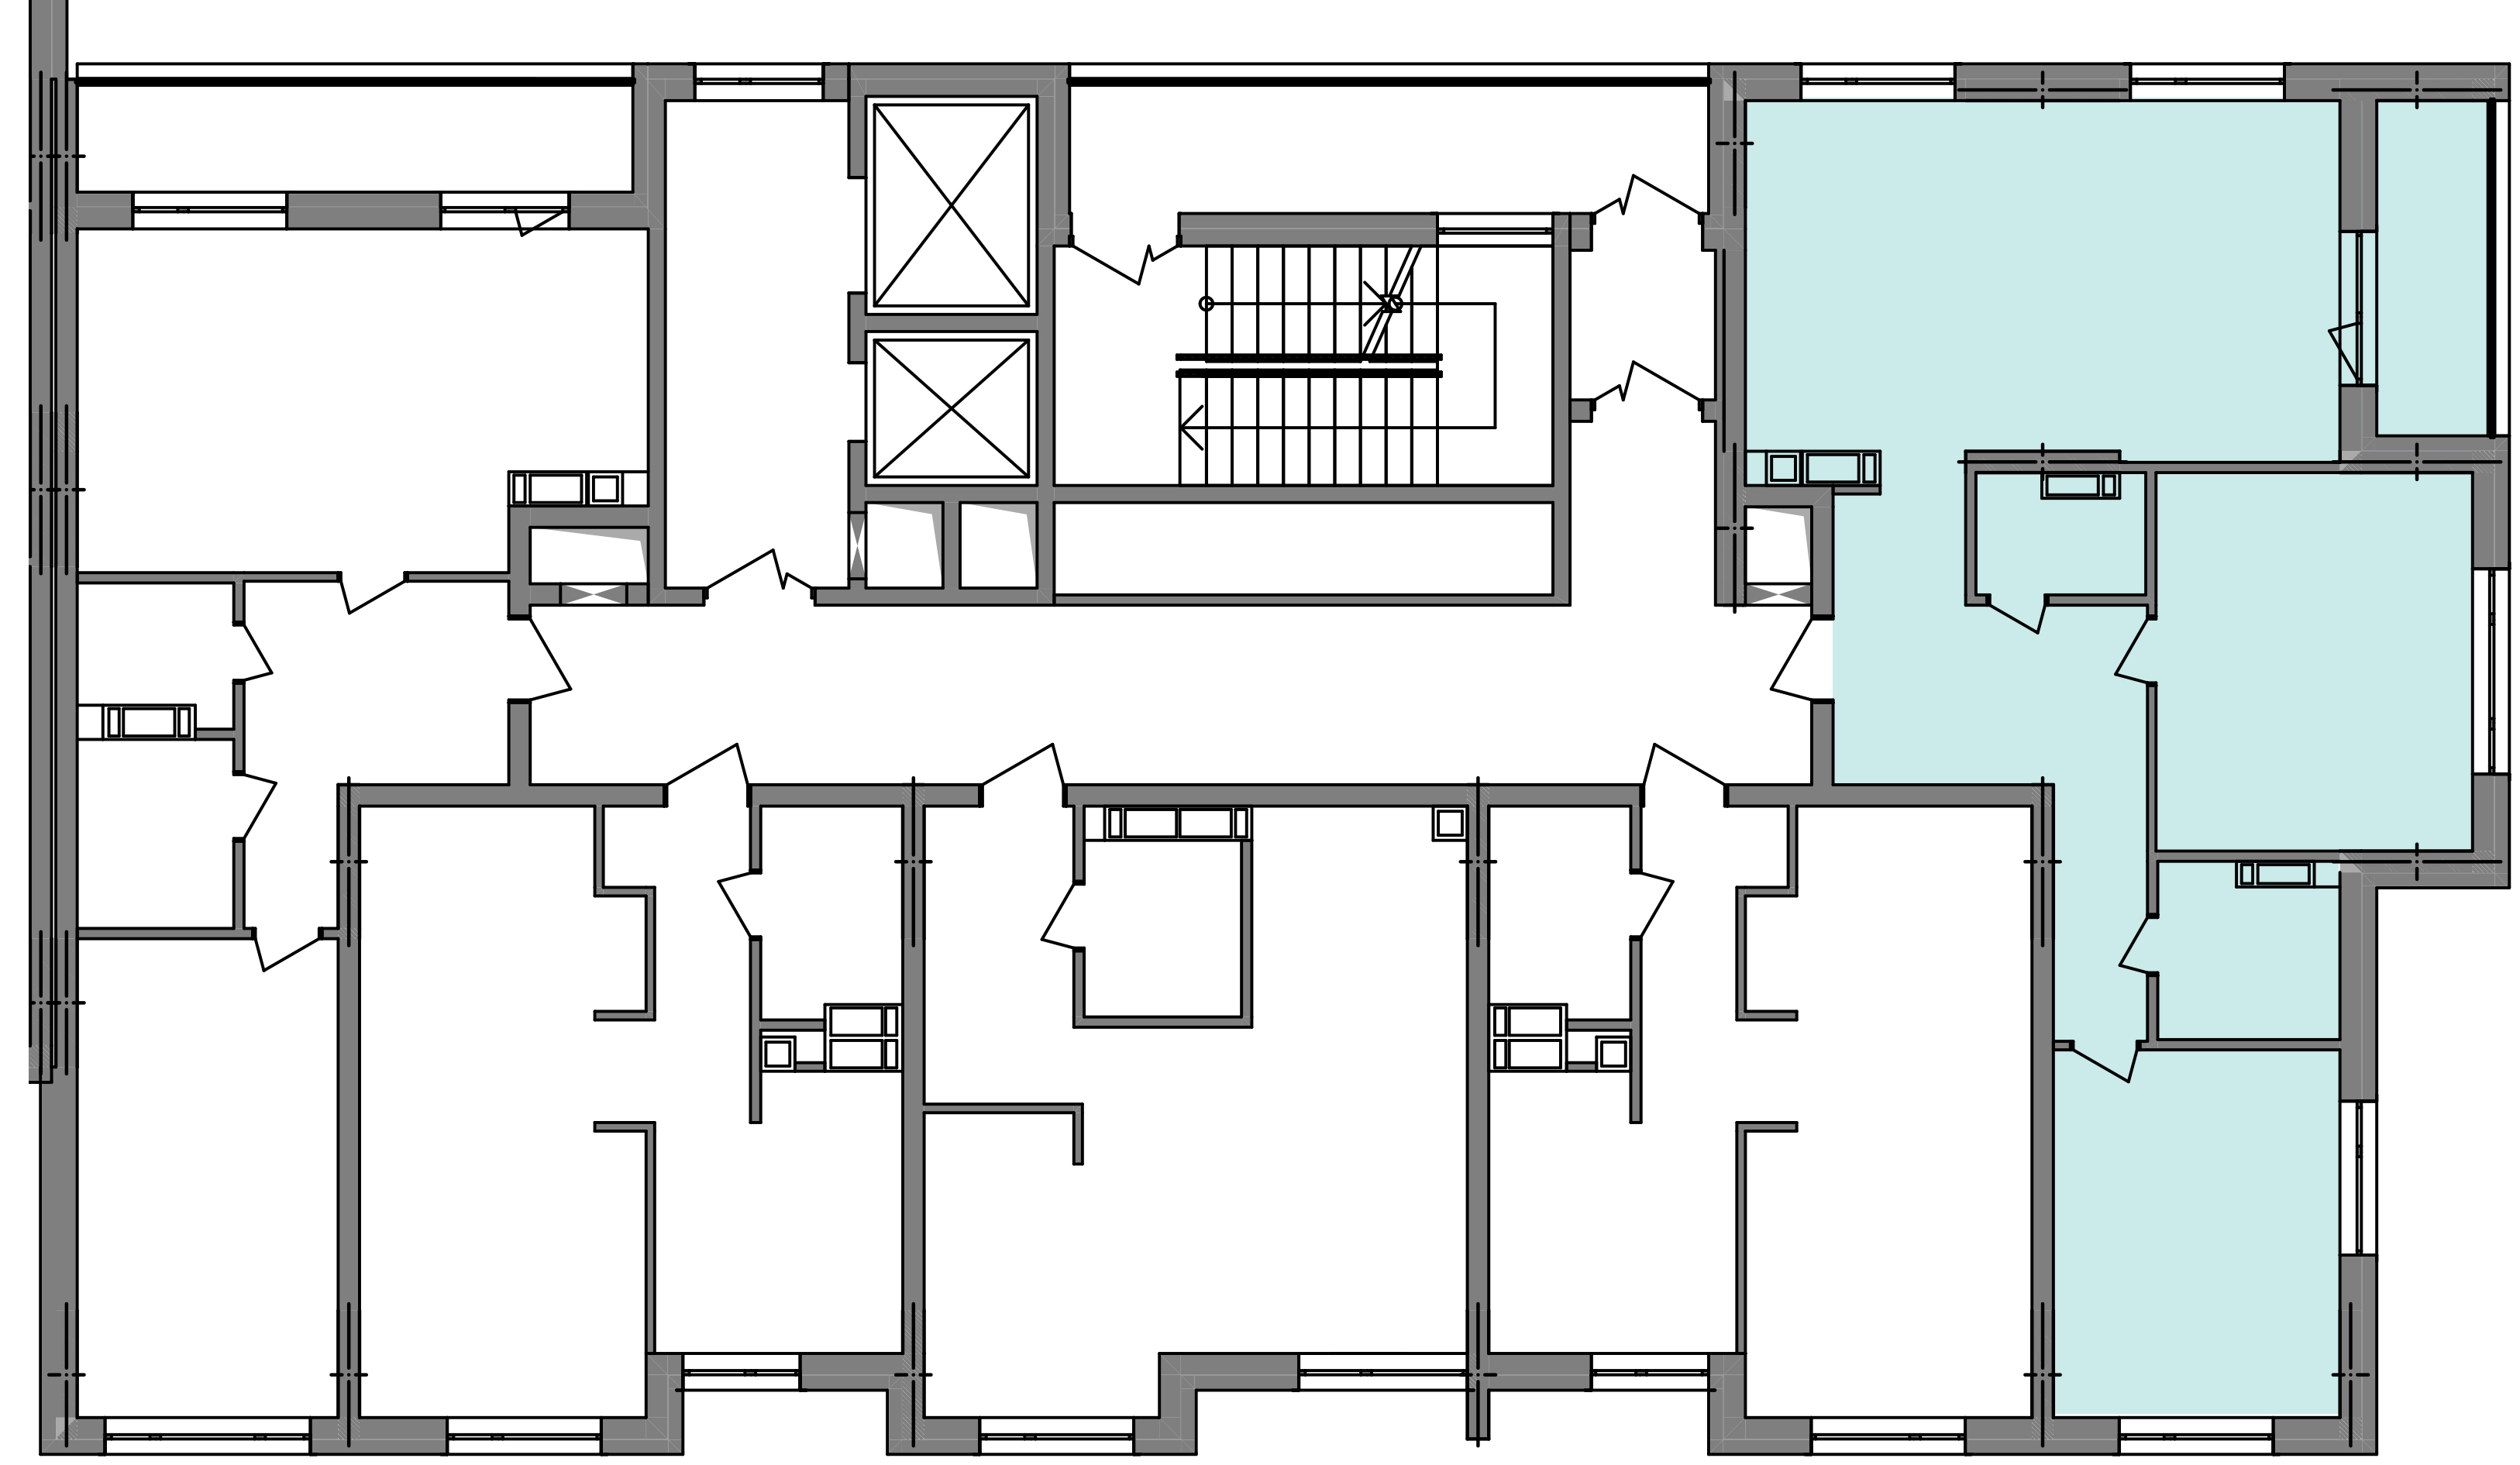 Трикімнатна квартира 80,46 кв.м., тип 3.1, будинок 3, секція 4 розташування на поверсі